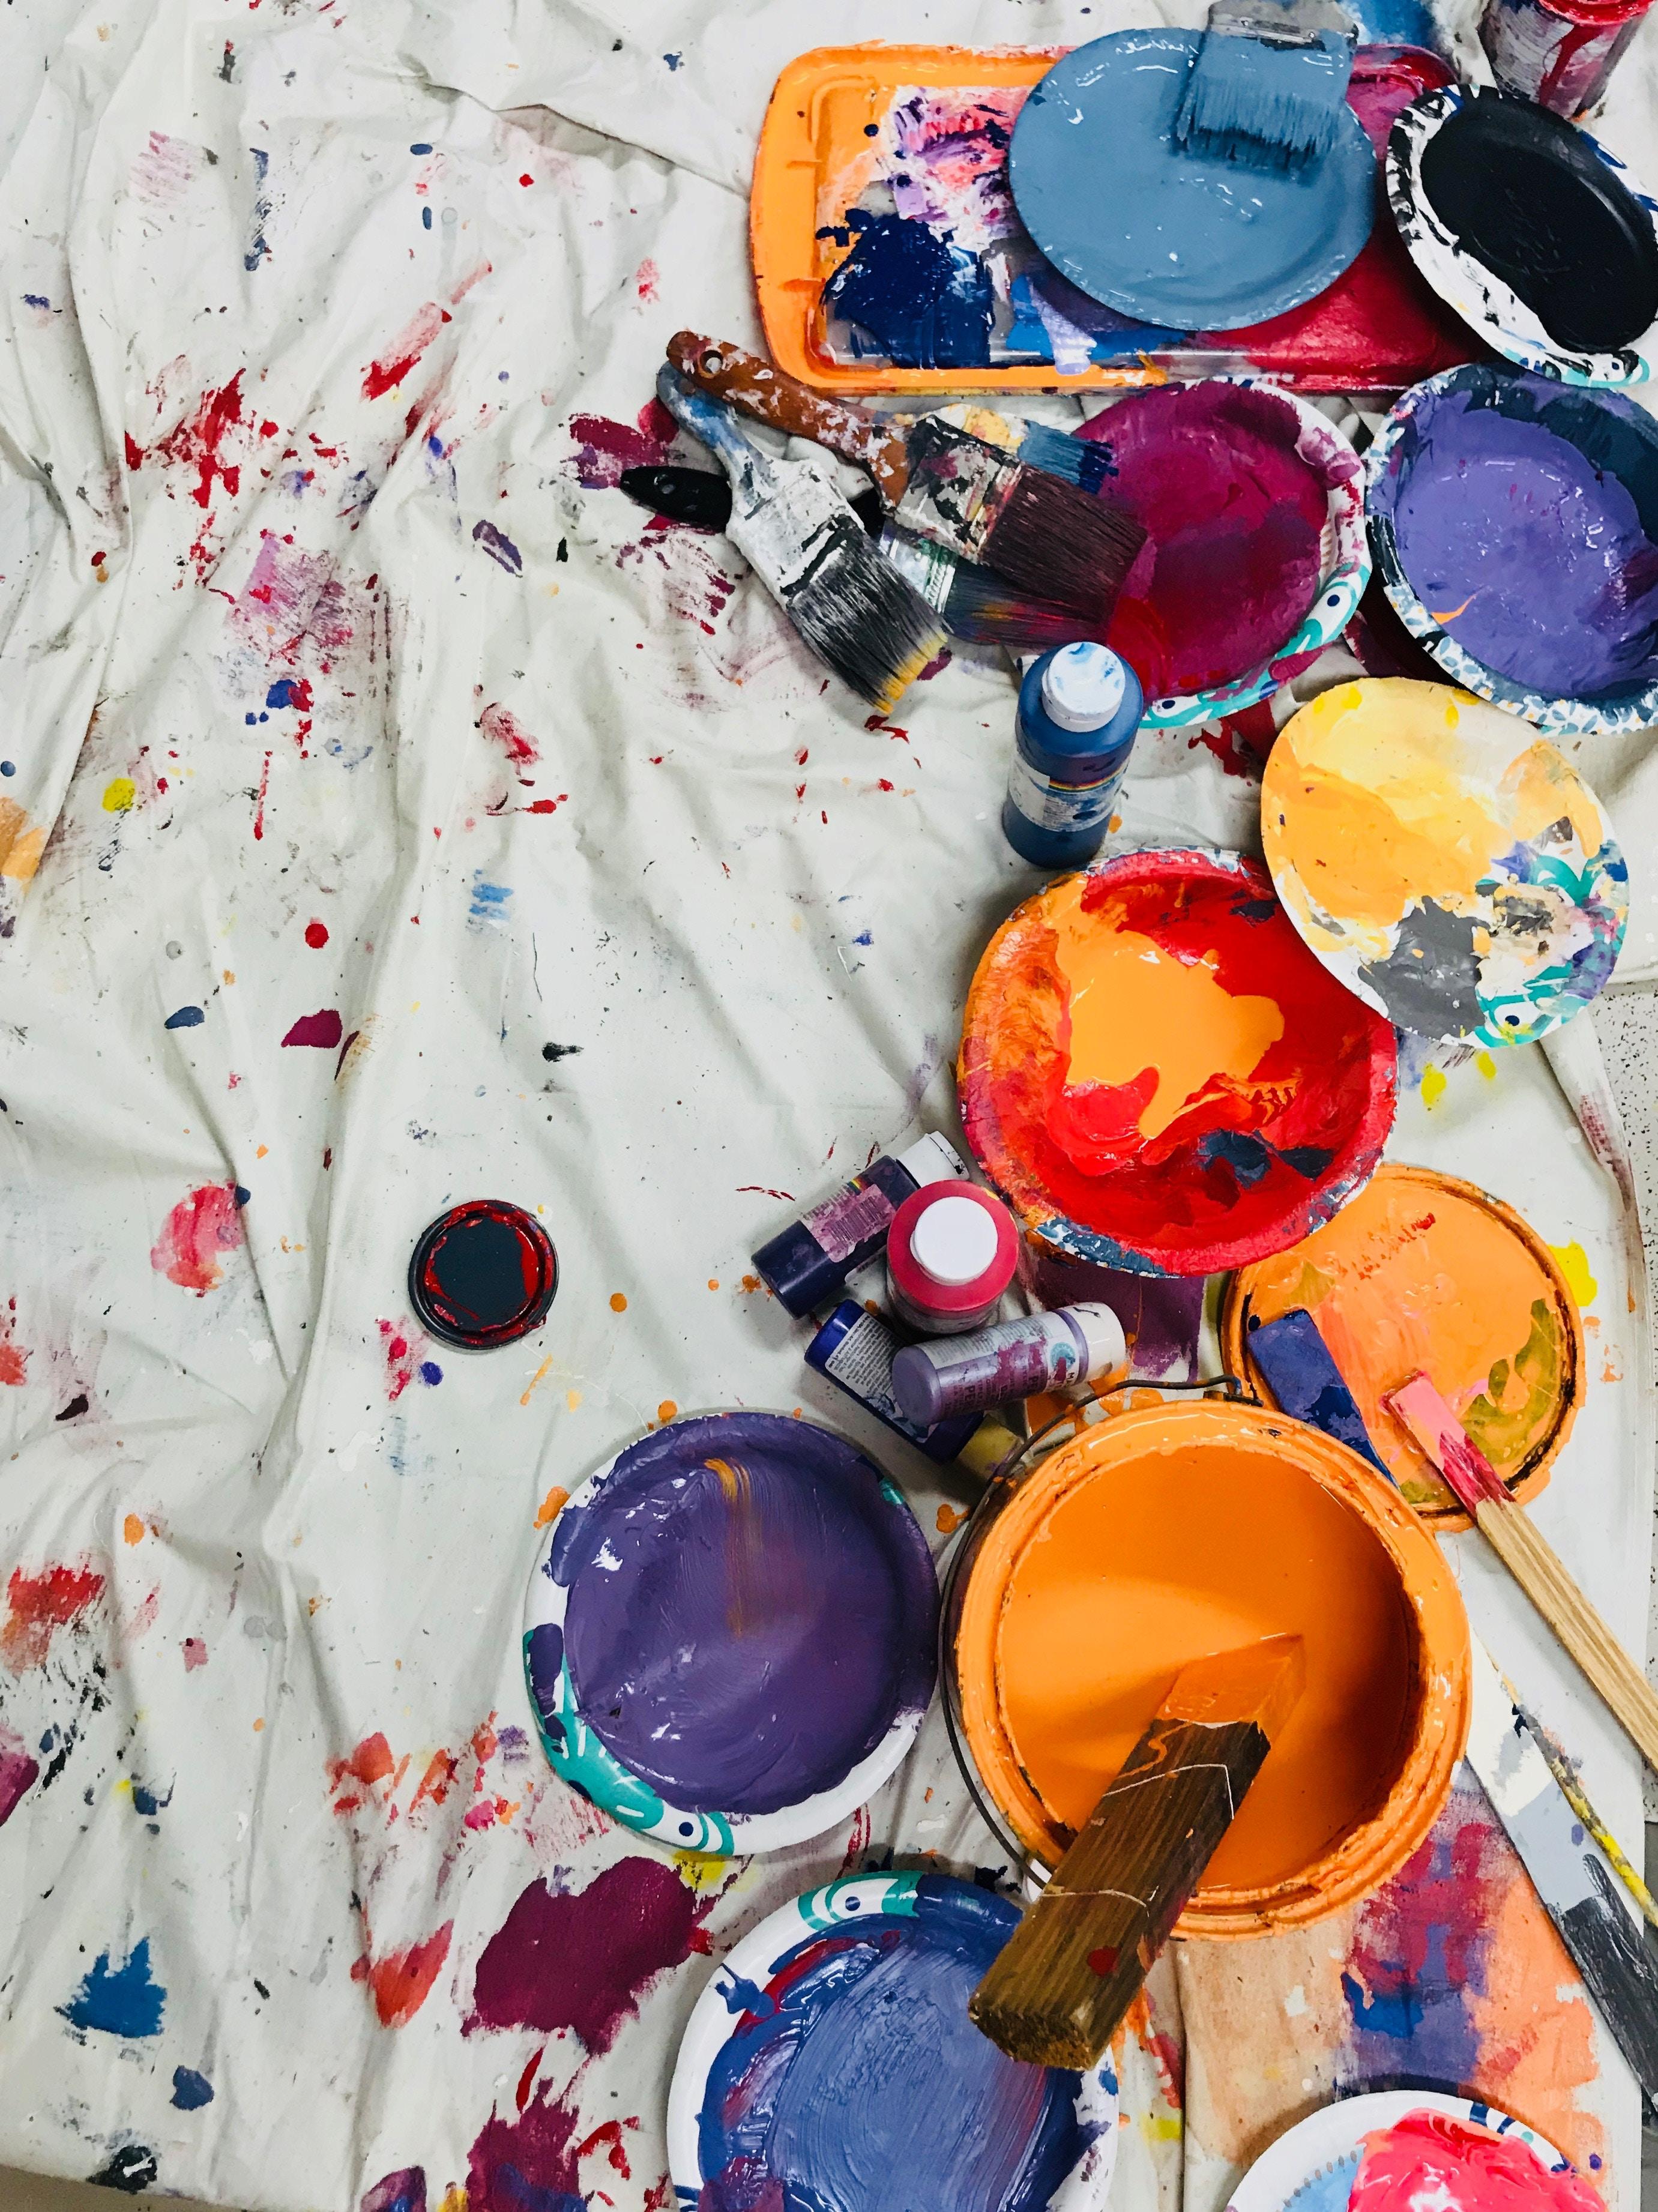 Colori Nuovi Per Tinteggiare Casa ᐅ pitturare, imbiancare, dipingere e tinteggiare casa =ᐅ